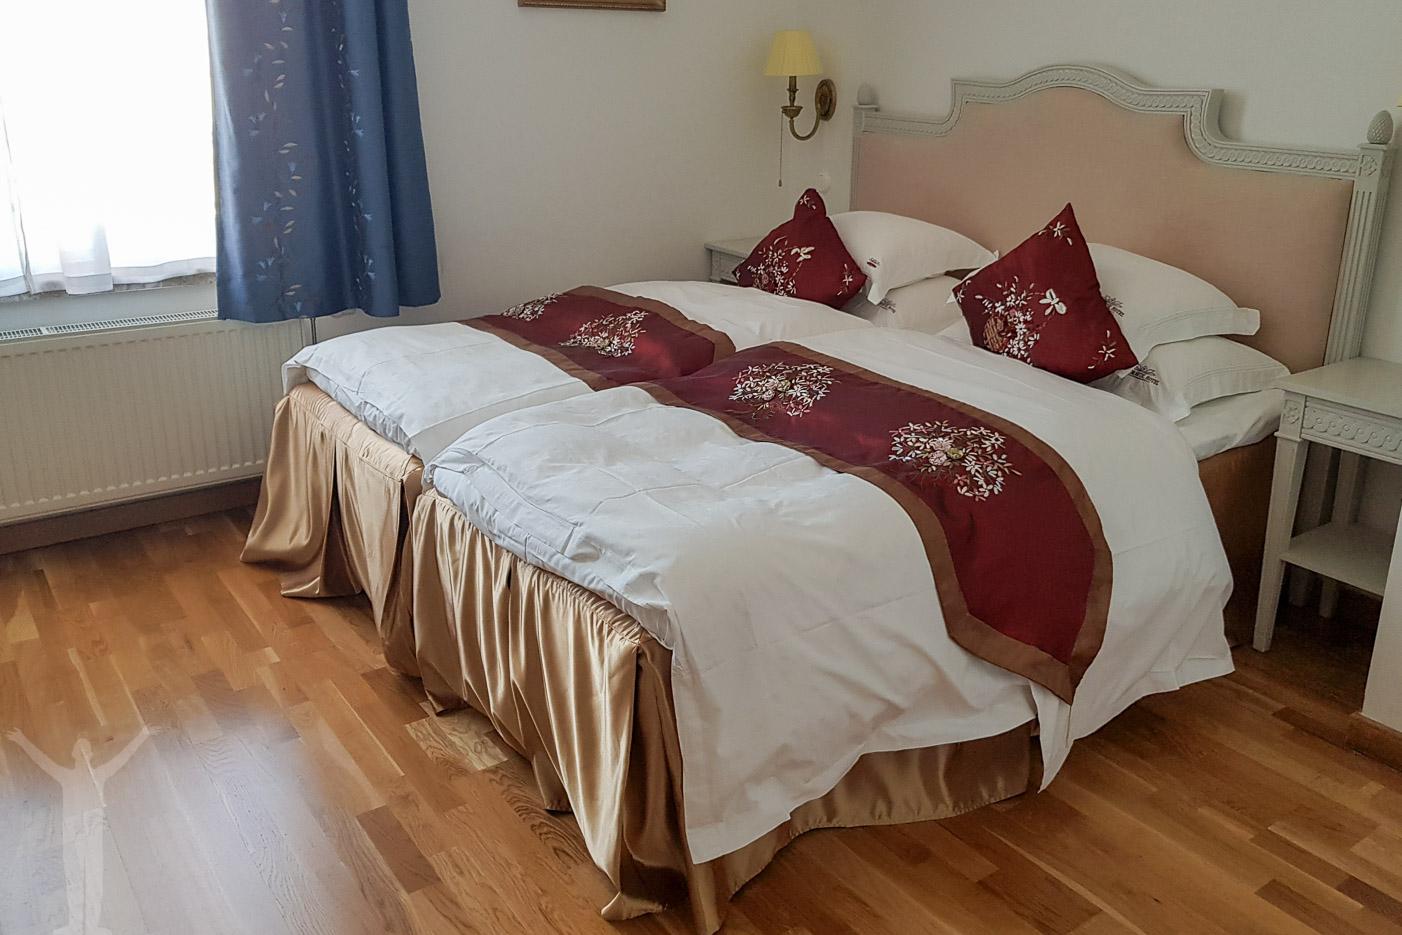 Brommavik Hotel i Sundbyberg